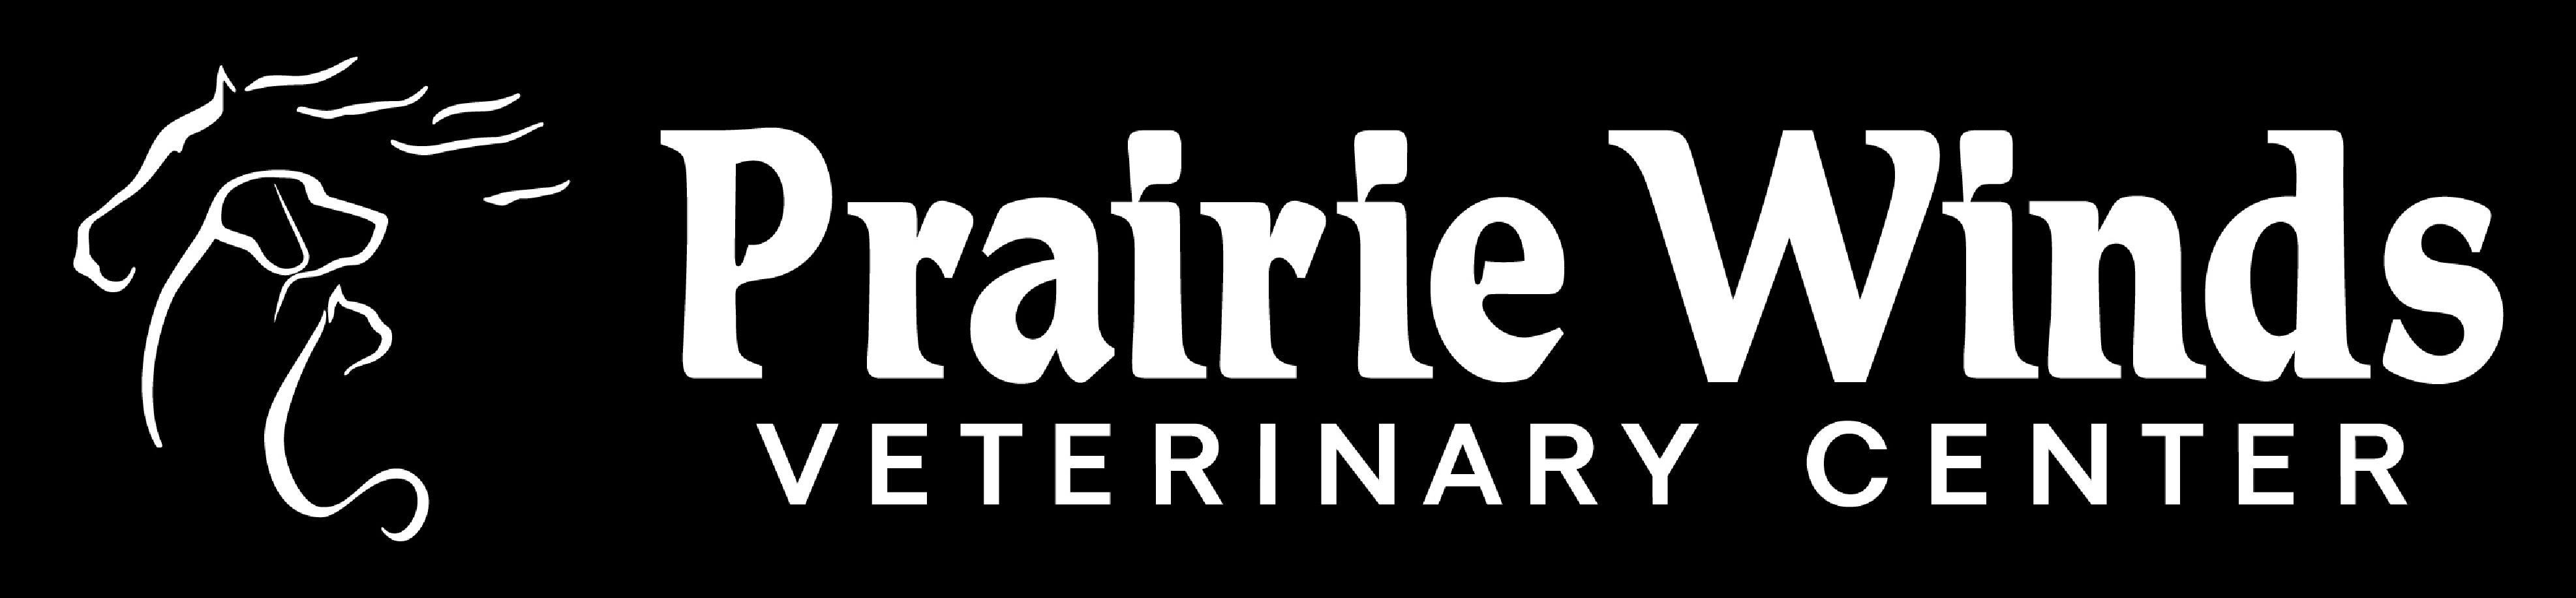 Prairie Winds Veterinary